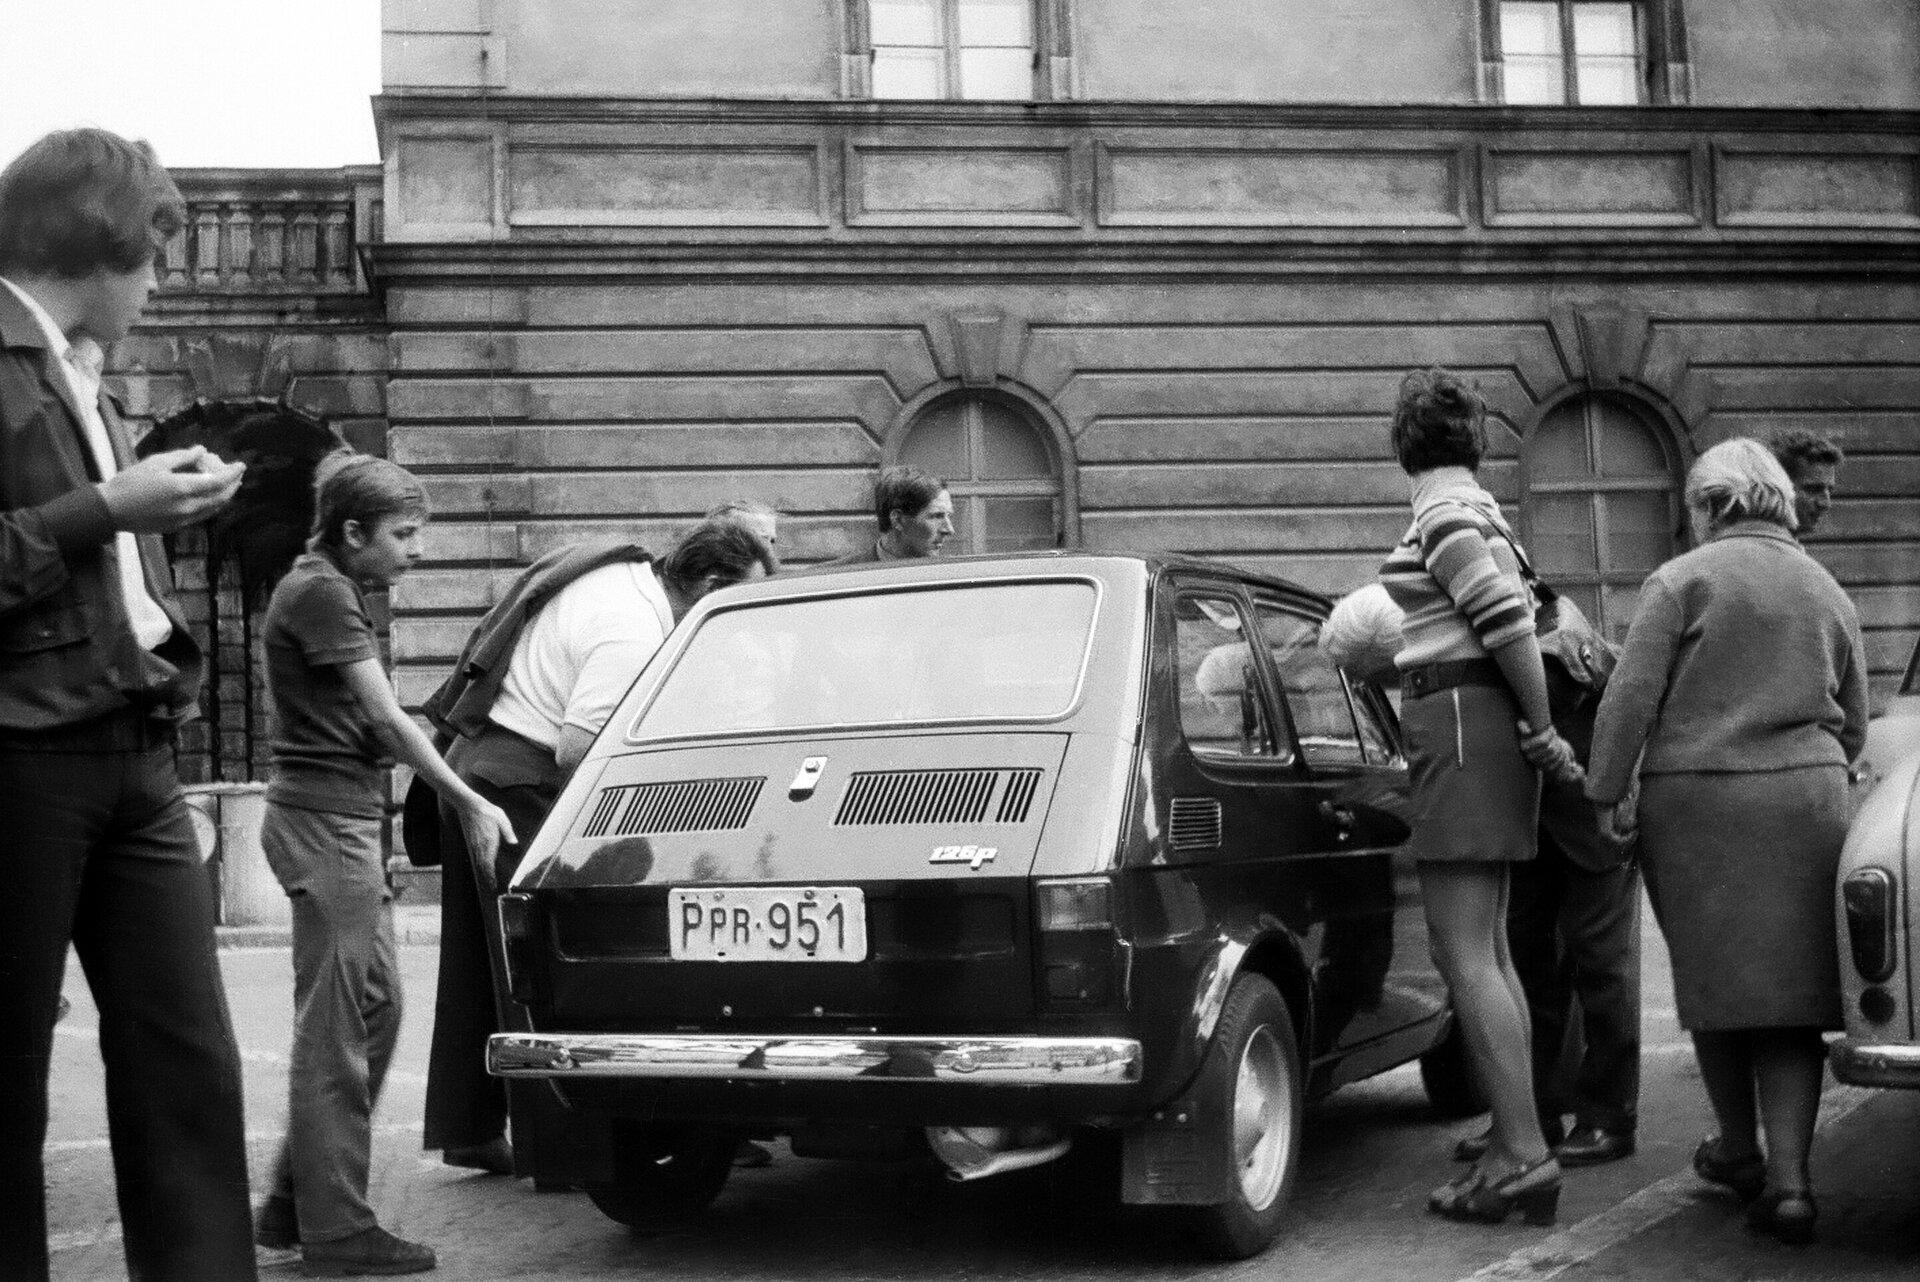 Fotografia czarno-biała przedstawiająca pierwszy samochód maluch zlogo Polskiego Fiata. Tłum ciekawych ludzi oglądających auto zzewnątrz izaglądających do środka przez szybę.